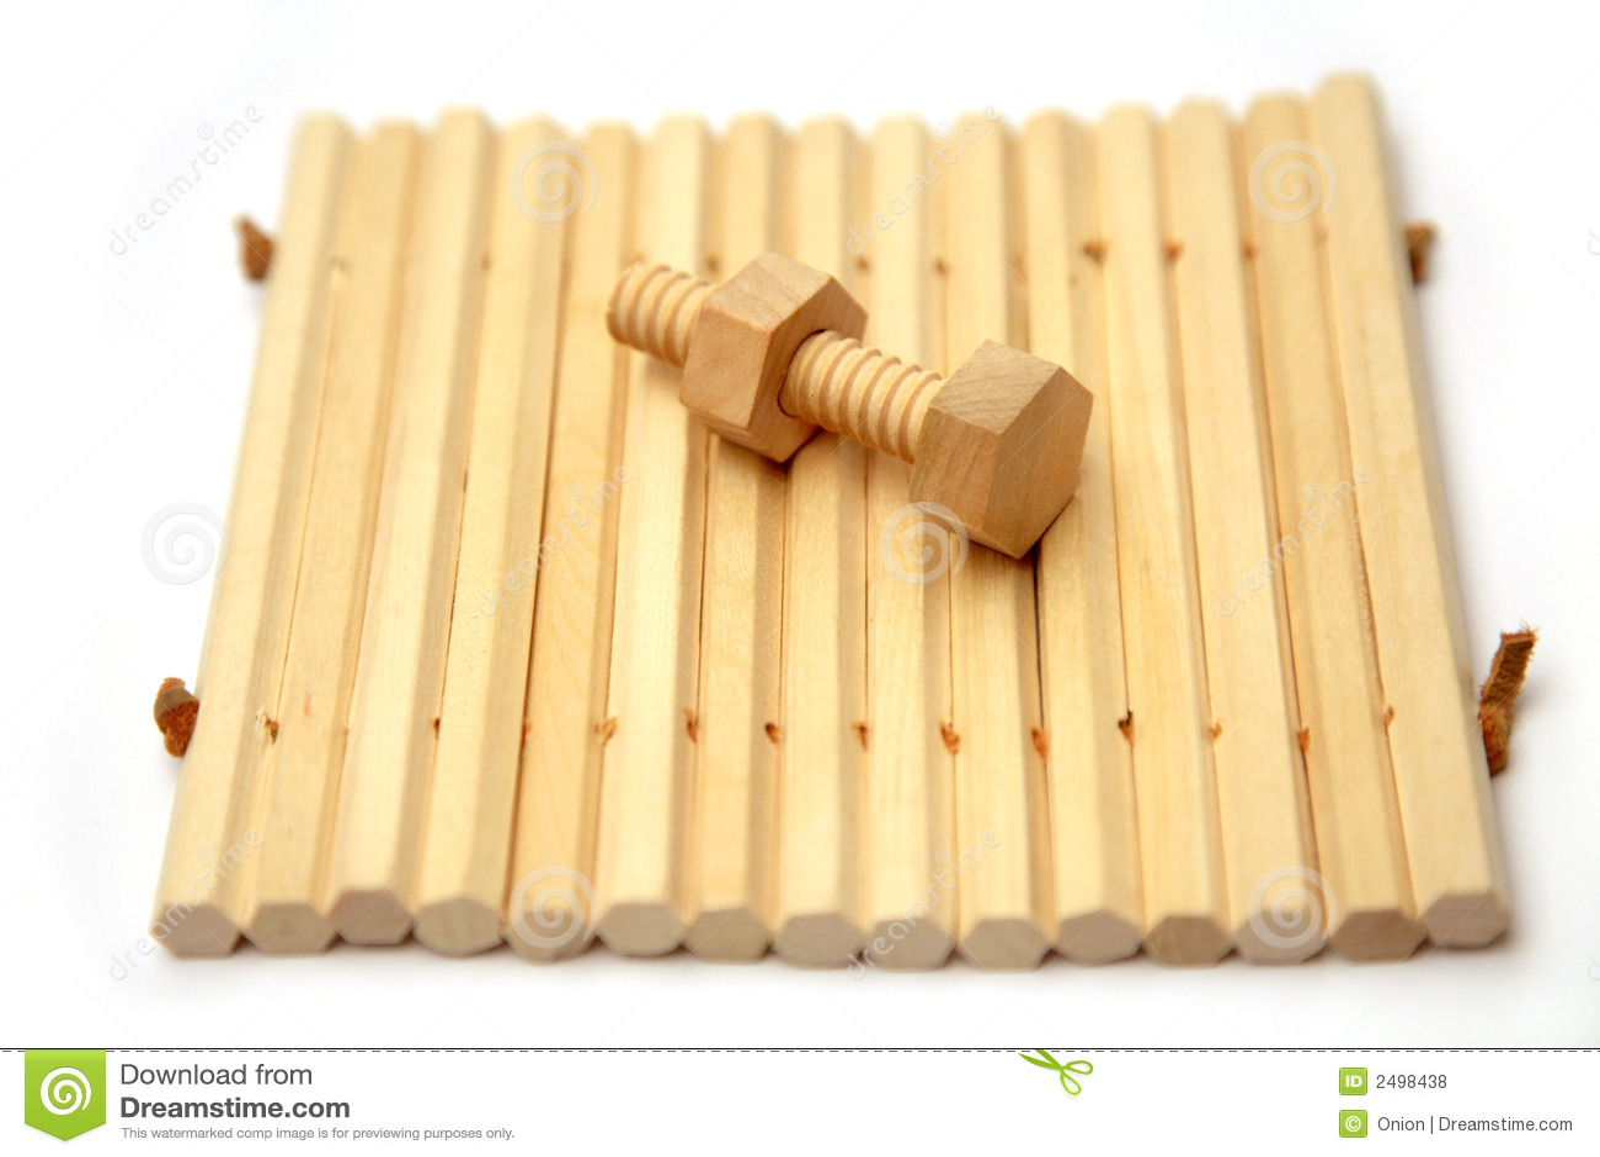 Tuerca y tornillo de madera fotos de archivo libres de - Tornillo para madera ...